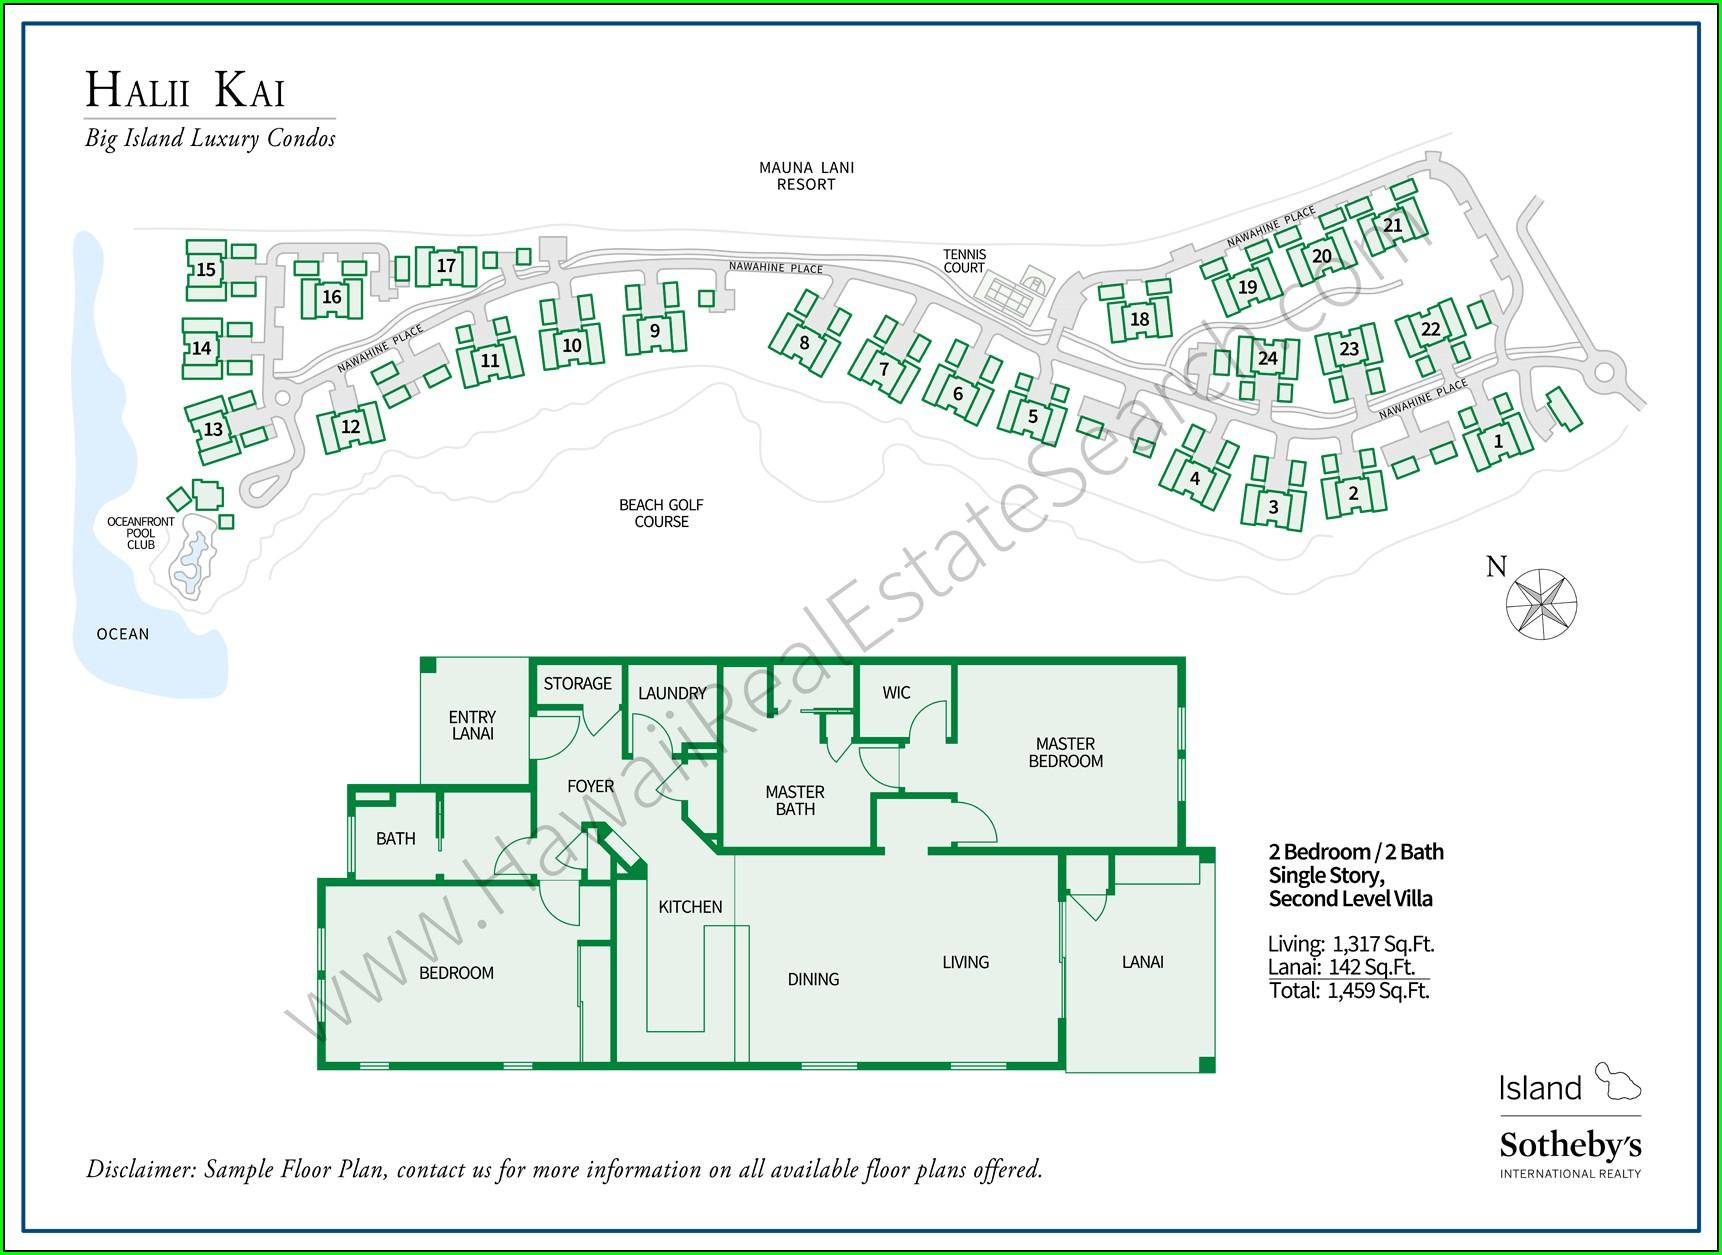 Map Of Halii Kai At Waikoloa Resort